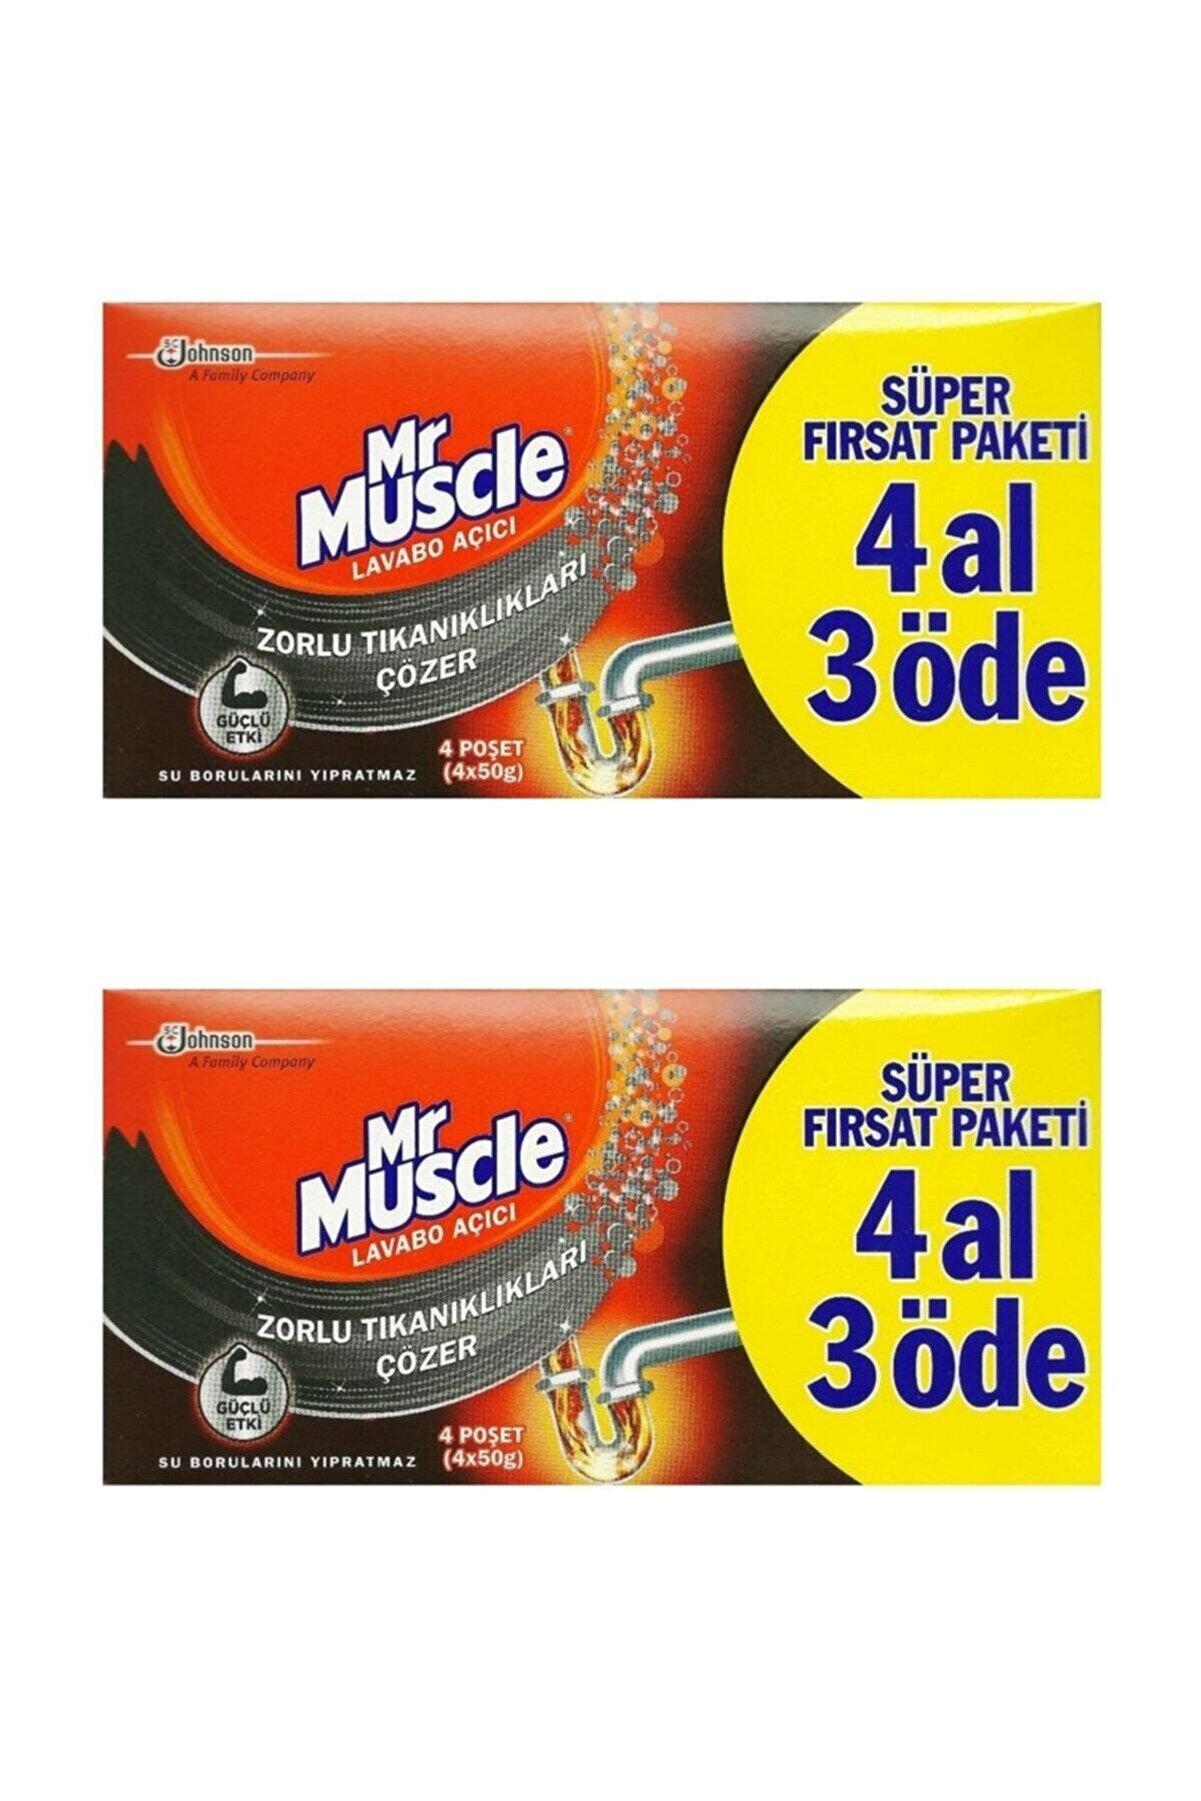 Johnson Mr. Muscle Mr Muscle Lavabo Açıcı 4 Al 3 Öde - 2 Paket